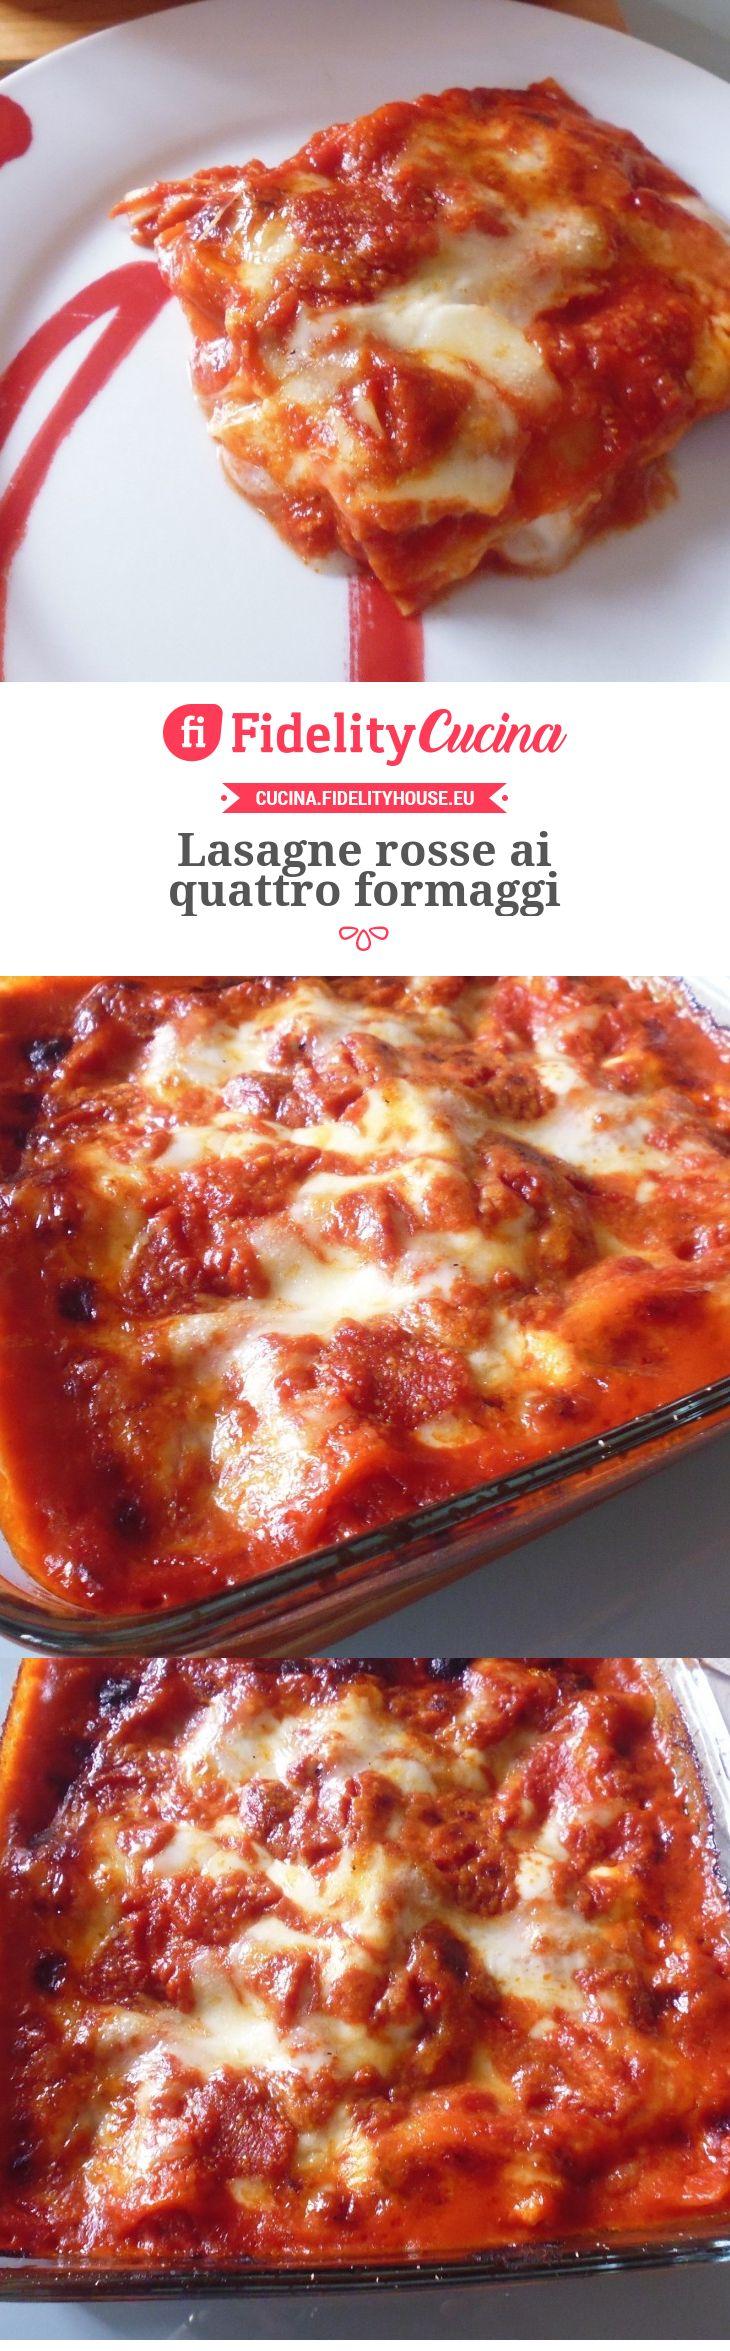 Lasagne rosse ai quattro formaggi